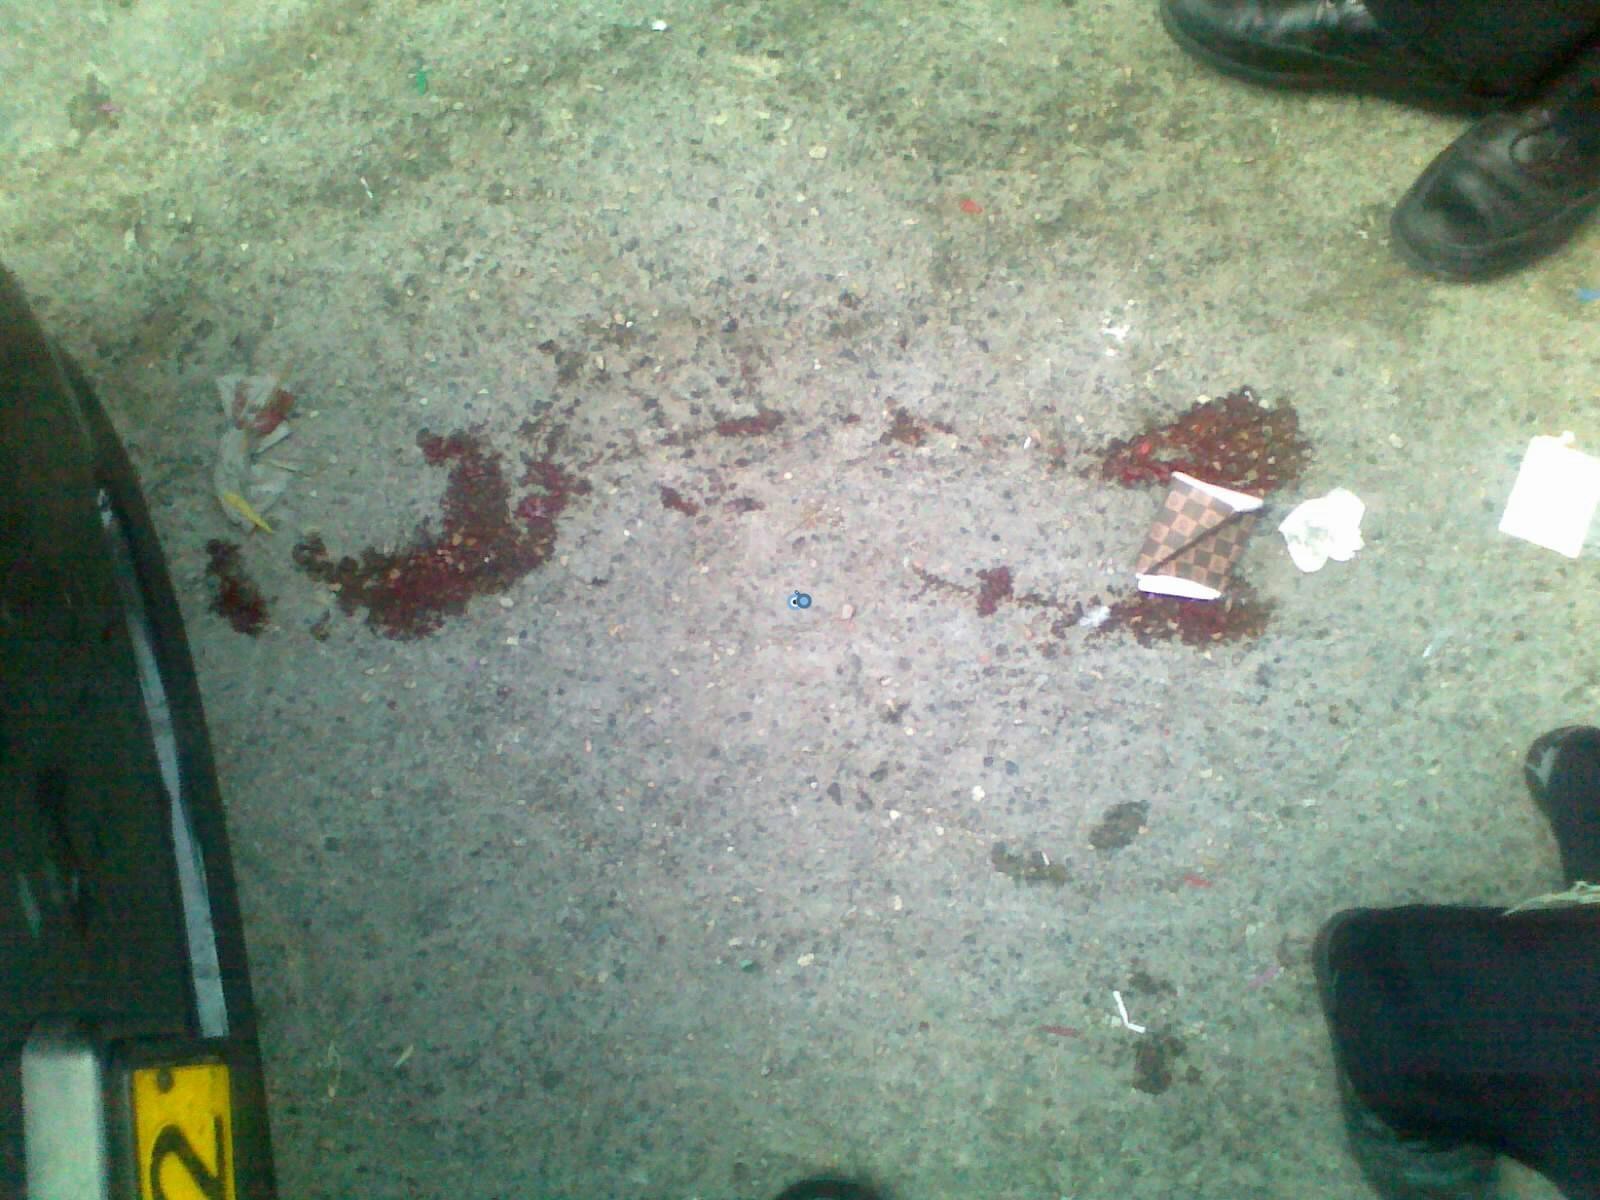 ילד פצוע בינוני מרכב מאה שערים צילם שלמה טרוייבן 24 (1)